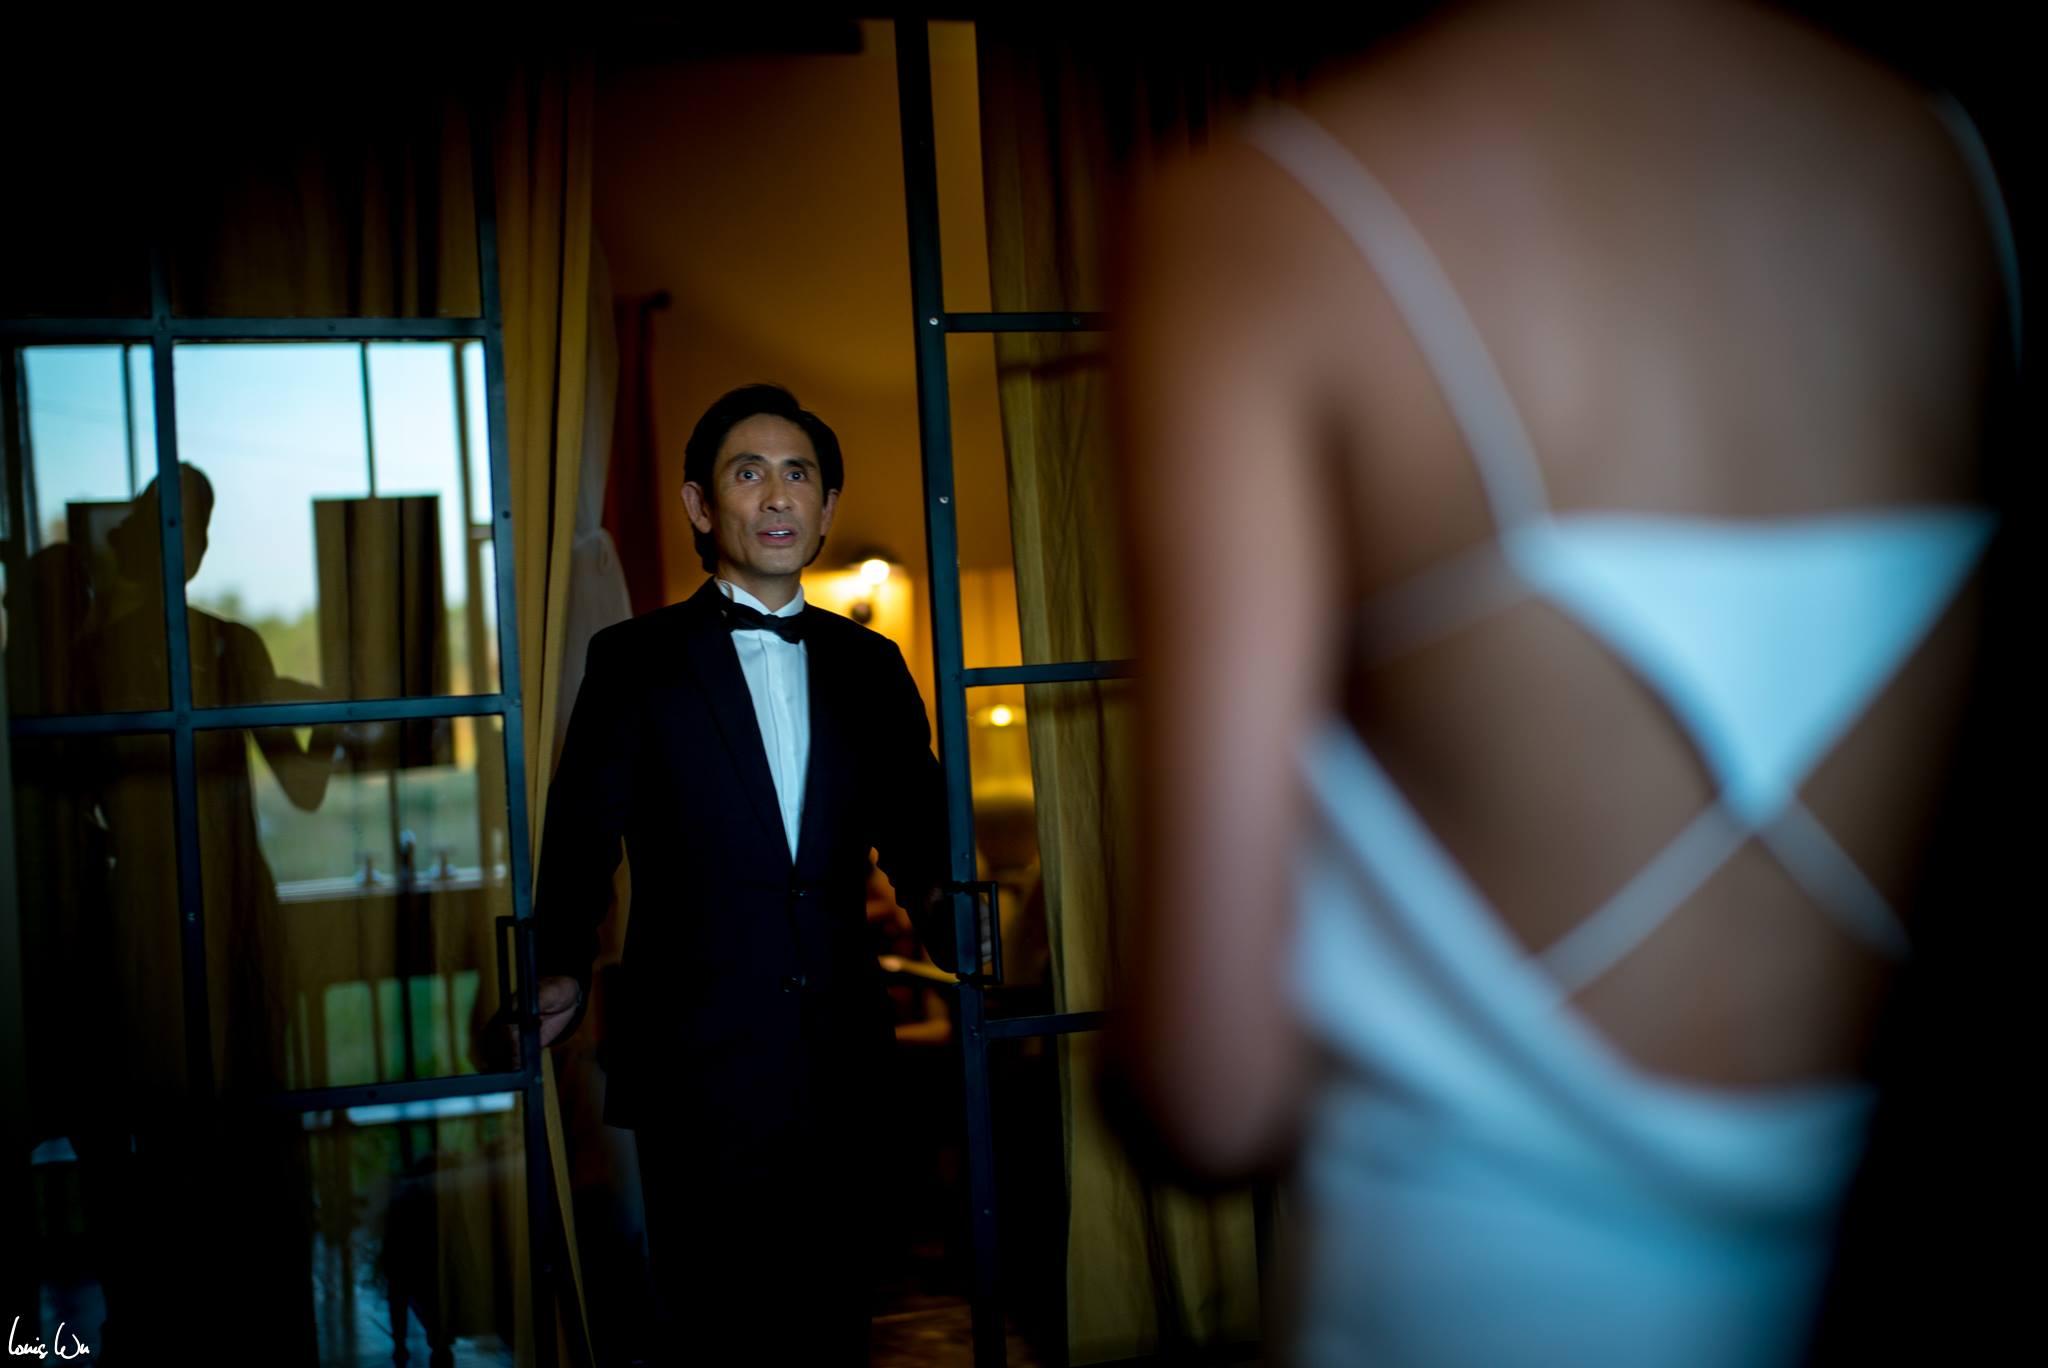 Nắm bắt cảm xúc là một nghệ thuật \u2013 giống như phóng sự chụp ảnh cưới, tất cả đều là một nghệ thuật. Một nhiếp ảnh gia không chỉ cần có kỹ ...